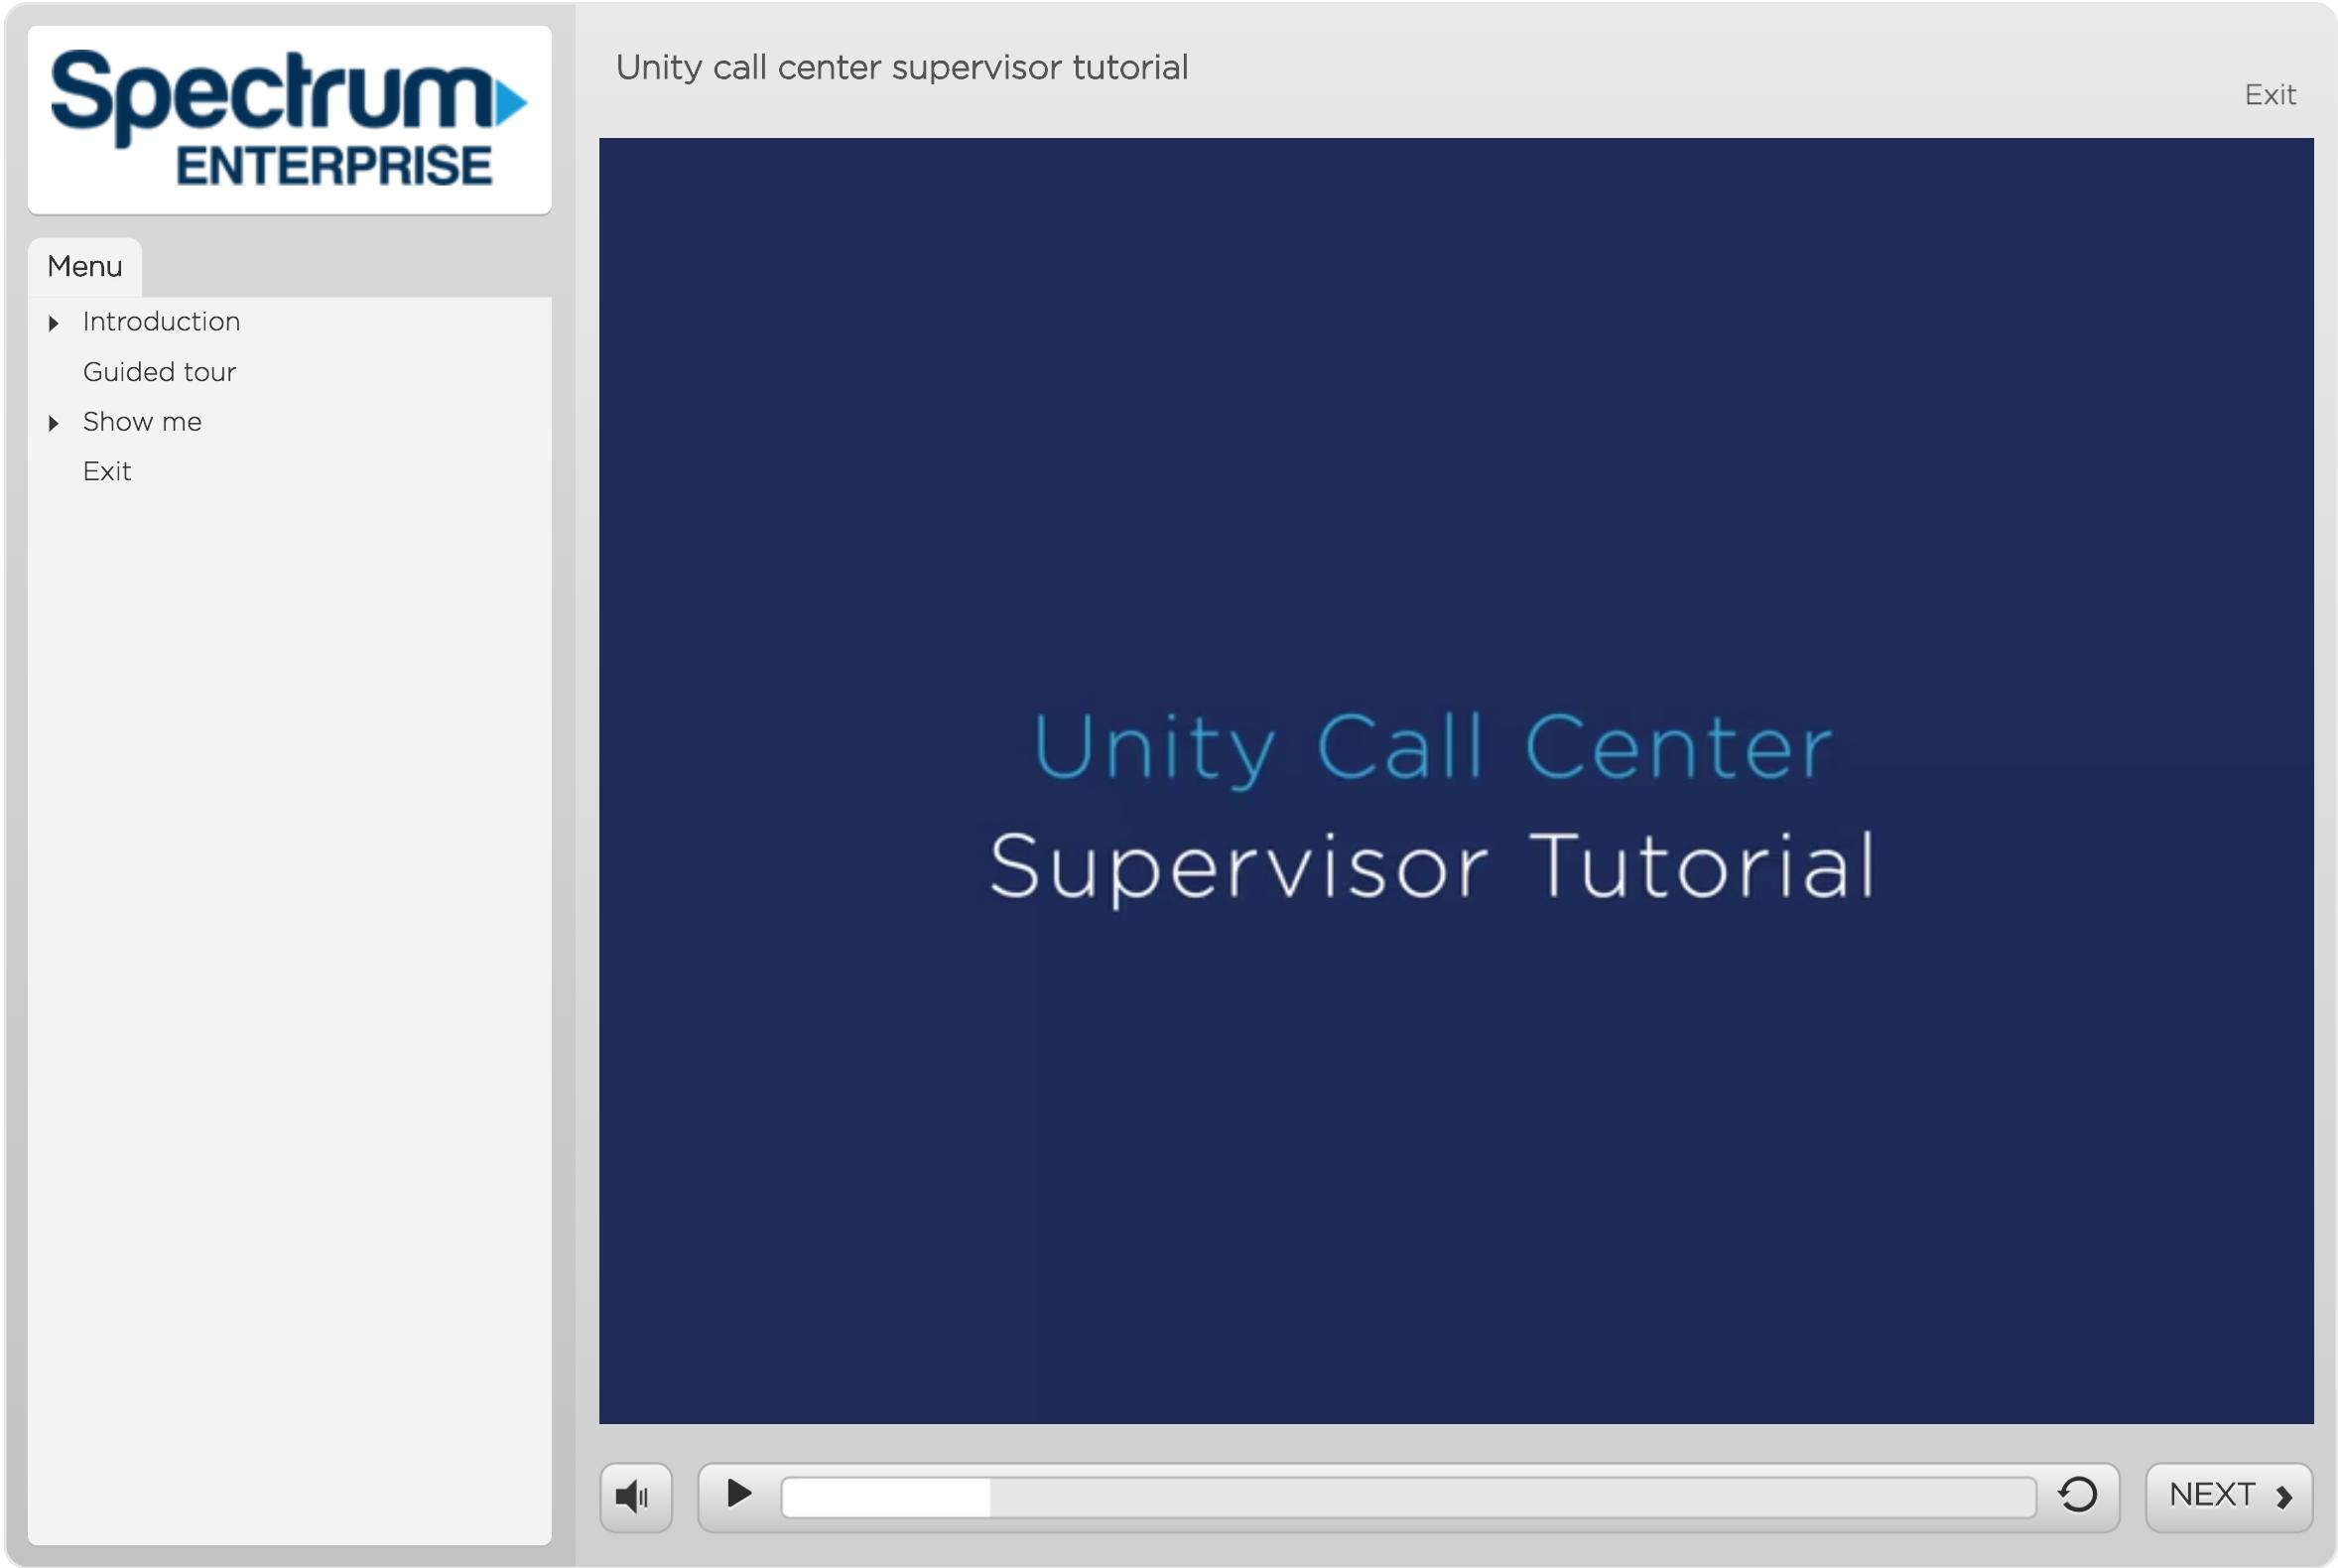 Unity call center supervisor tutorial